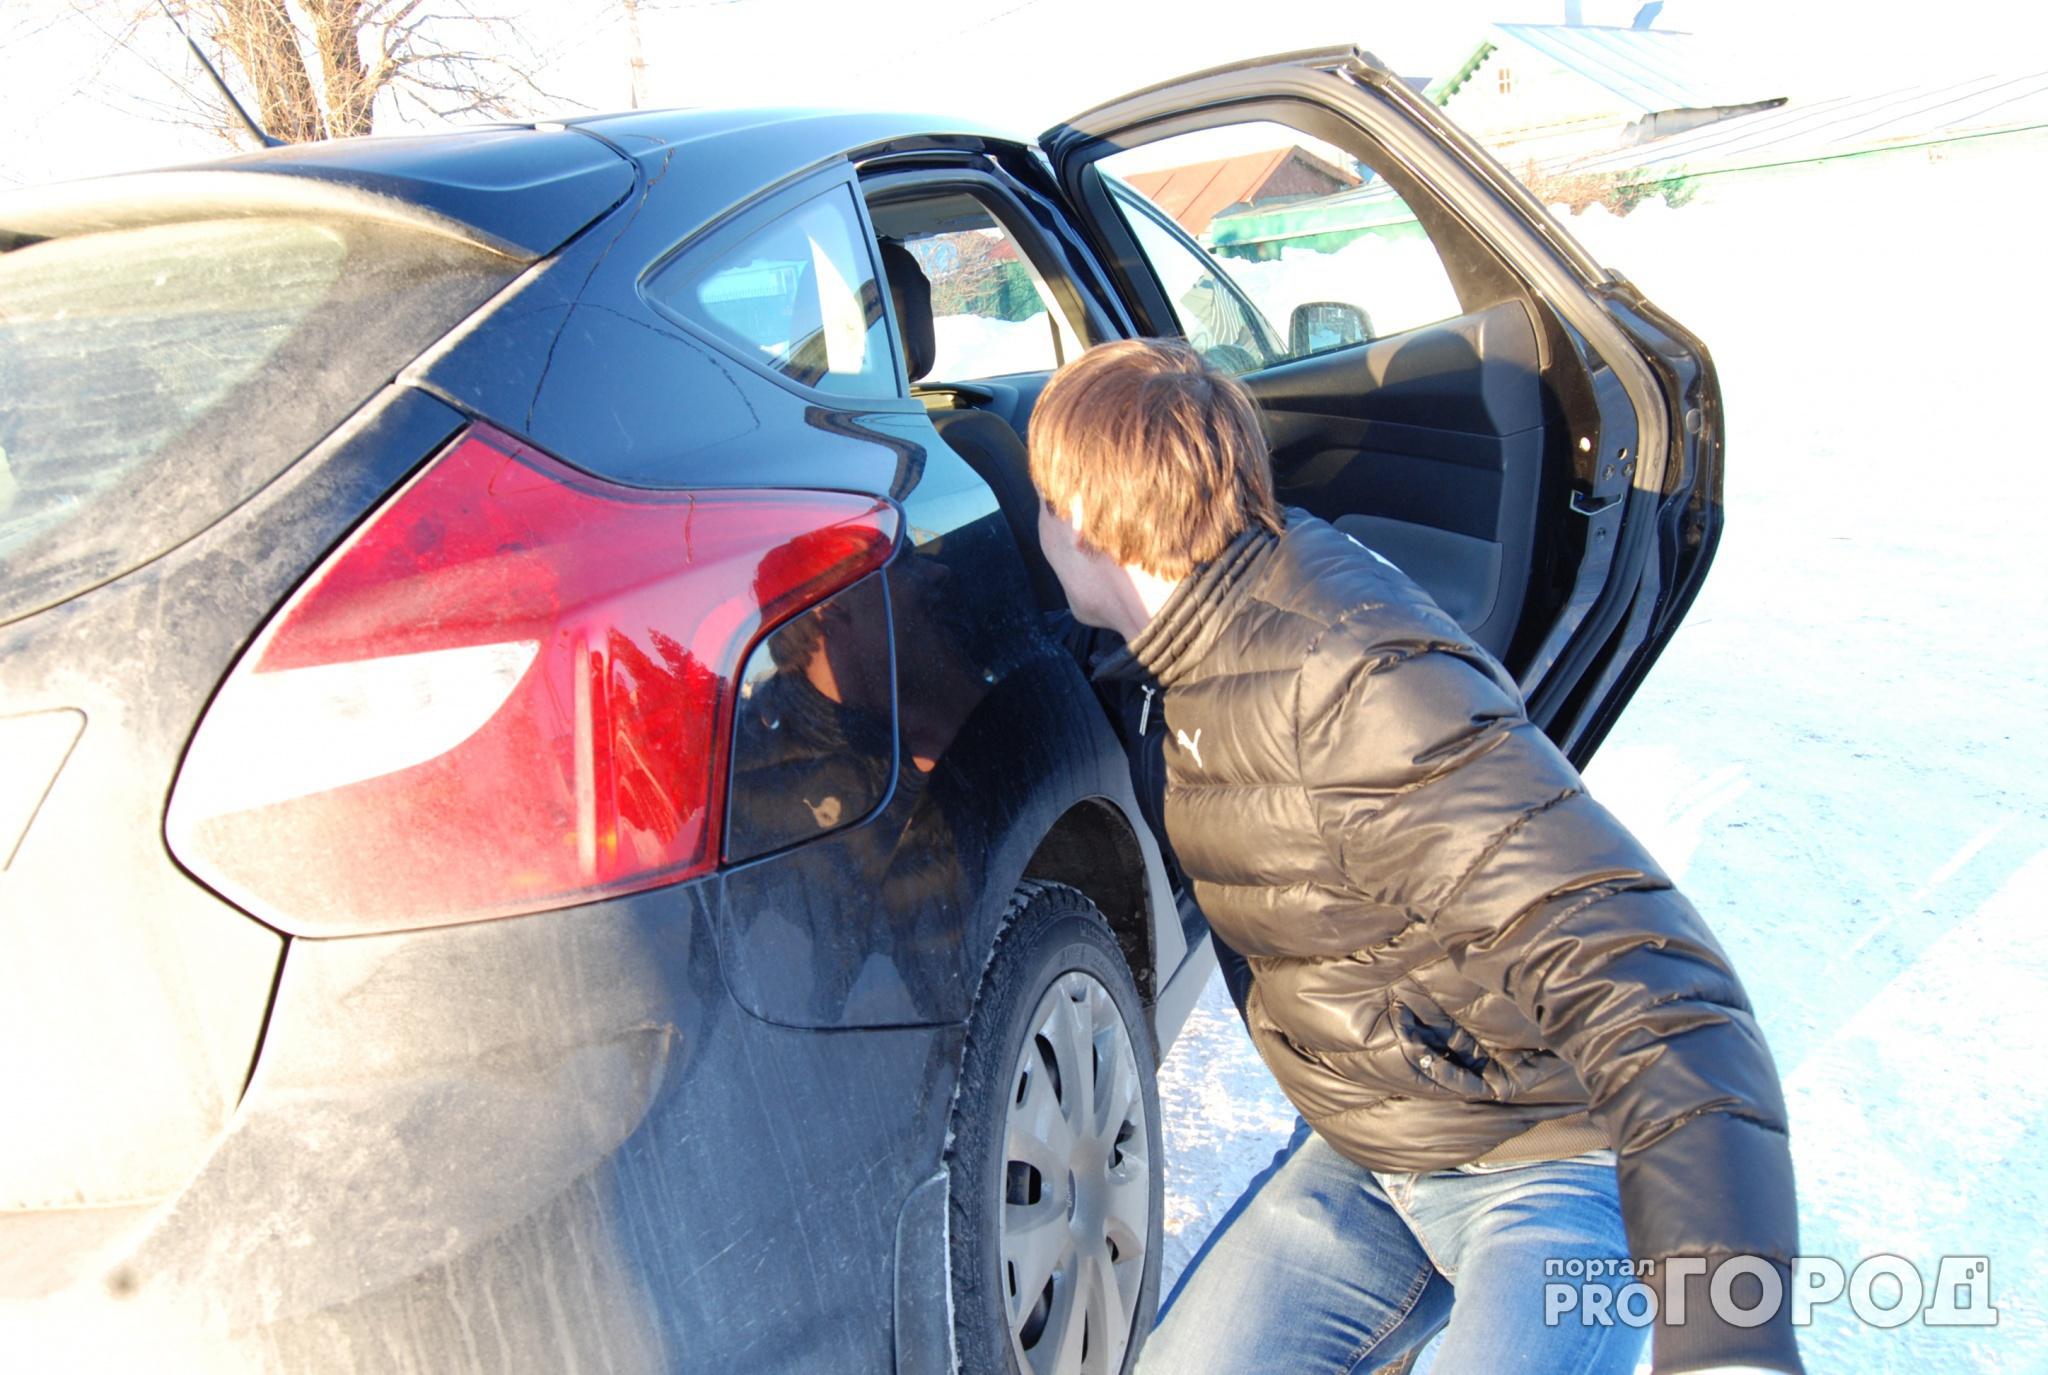 Из машины кировчанина украли полмиллиона рублей